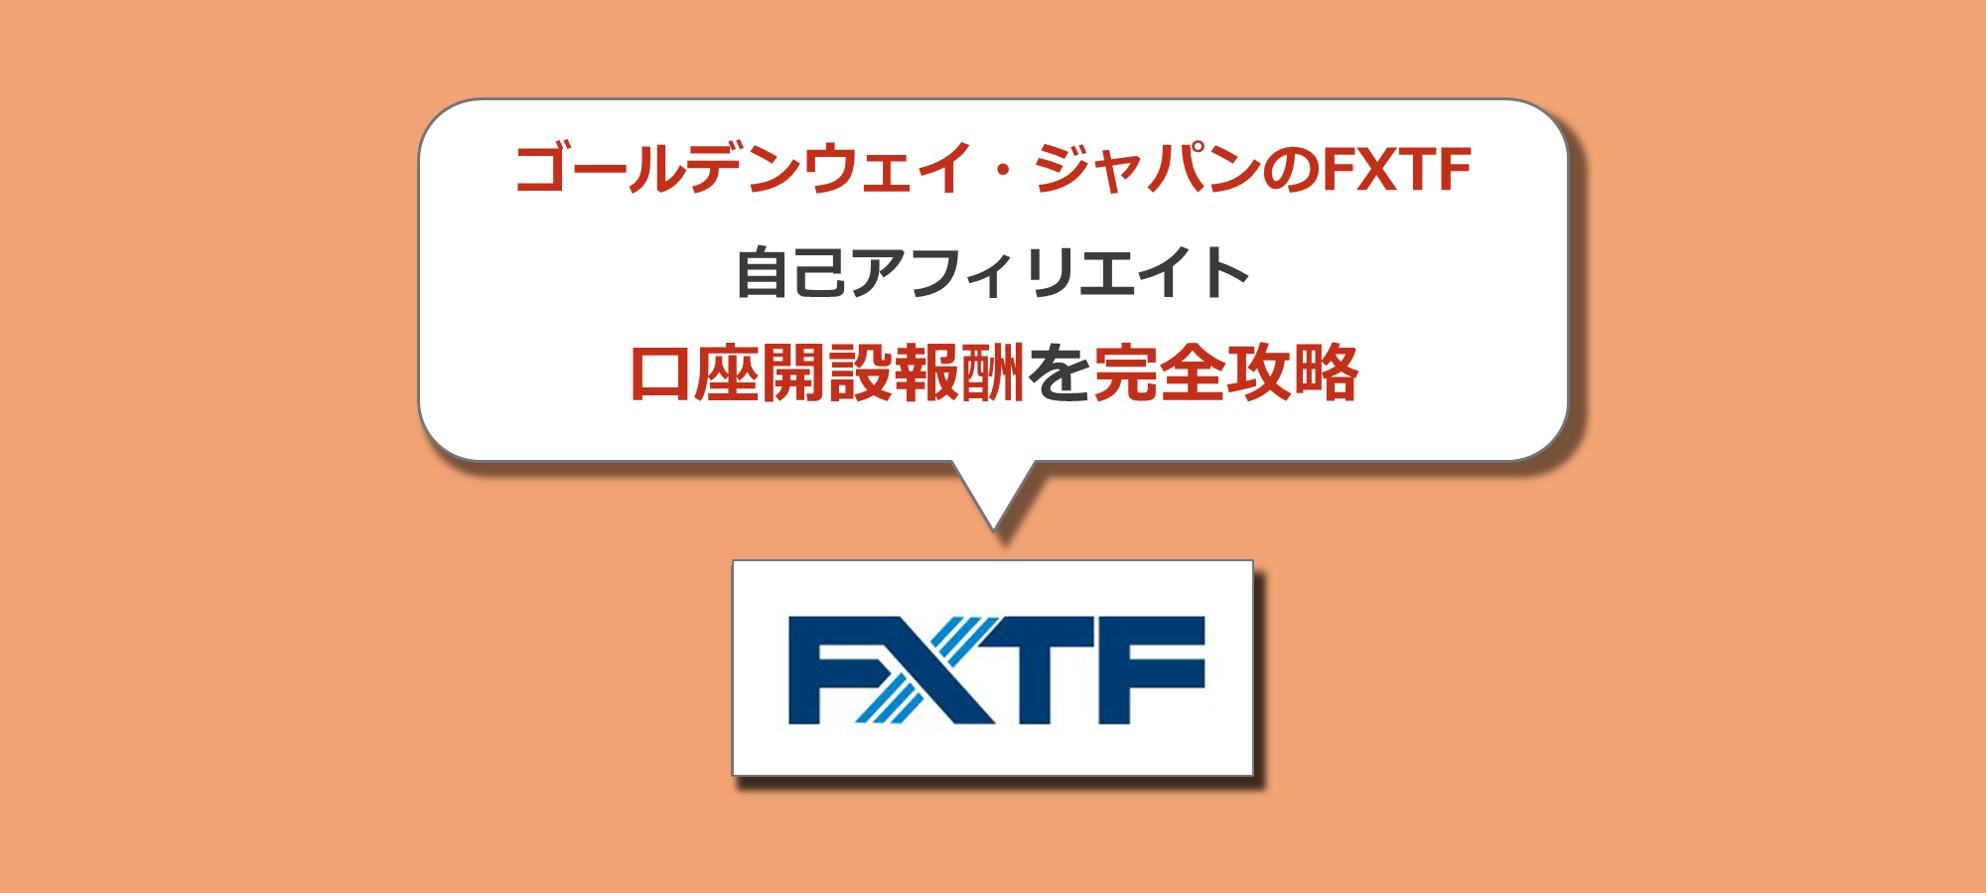 【自己アフィリエイト】ゴールデンウェイ・ジャパンのFXTFで成果発生条件をクリアする方法